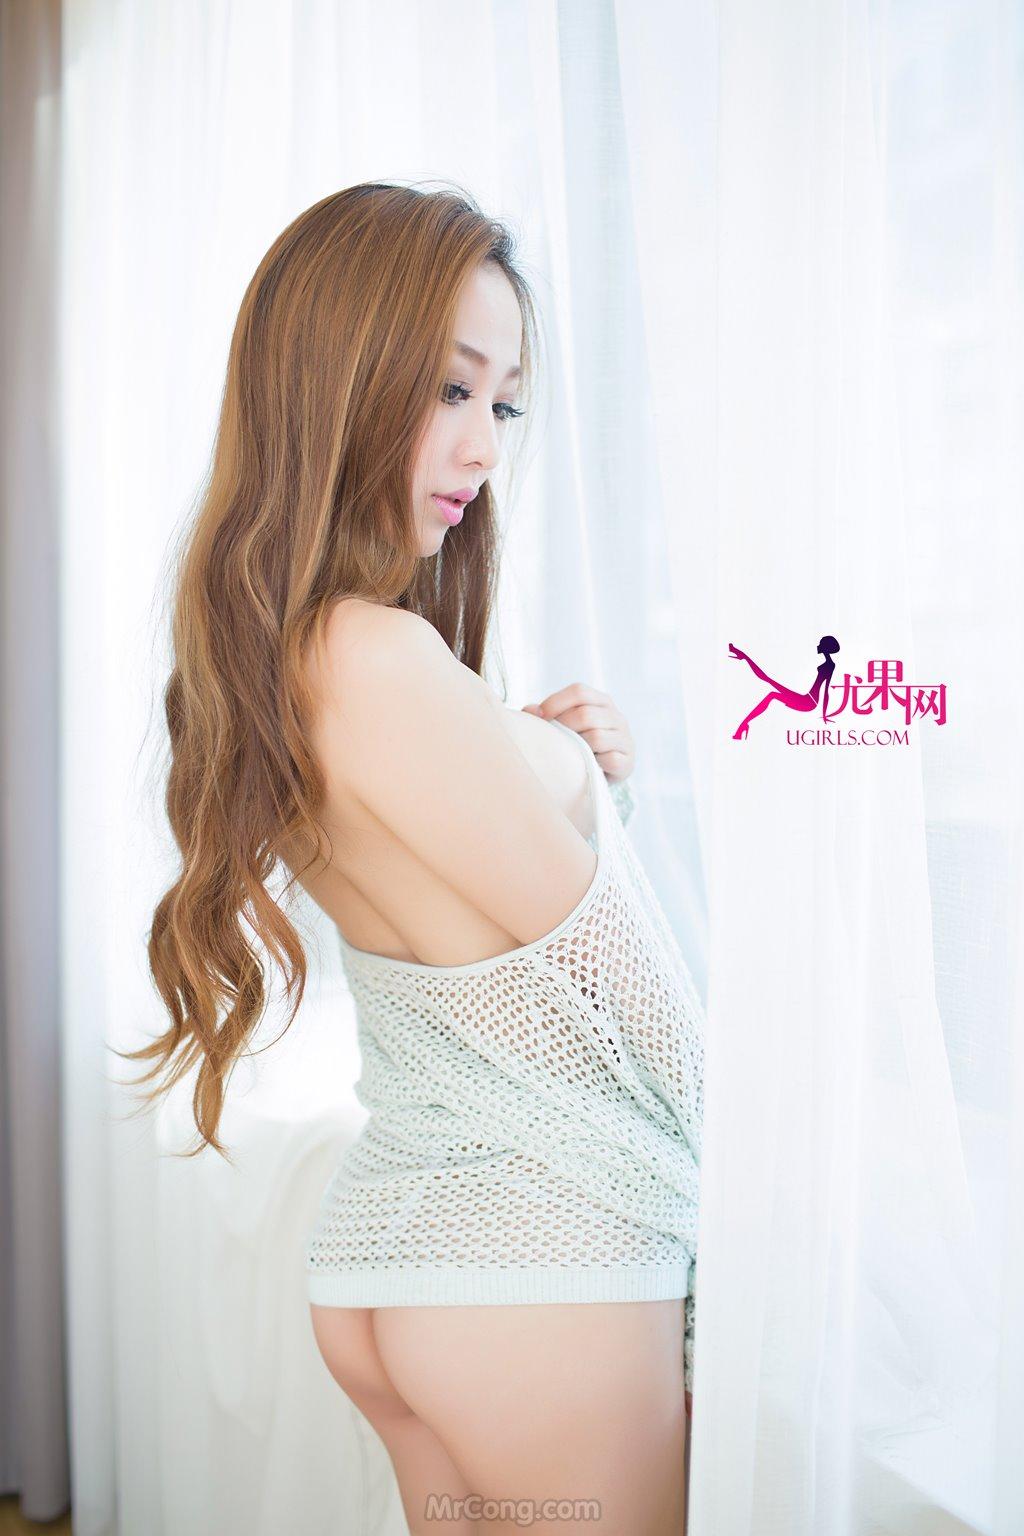 Vẻ quyến rũ nồng cháy của Beauty Liu Jia Qi (刘嘉琦) trong bộ ảnh UGIRLS 091